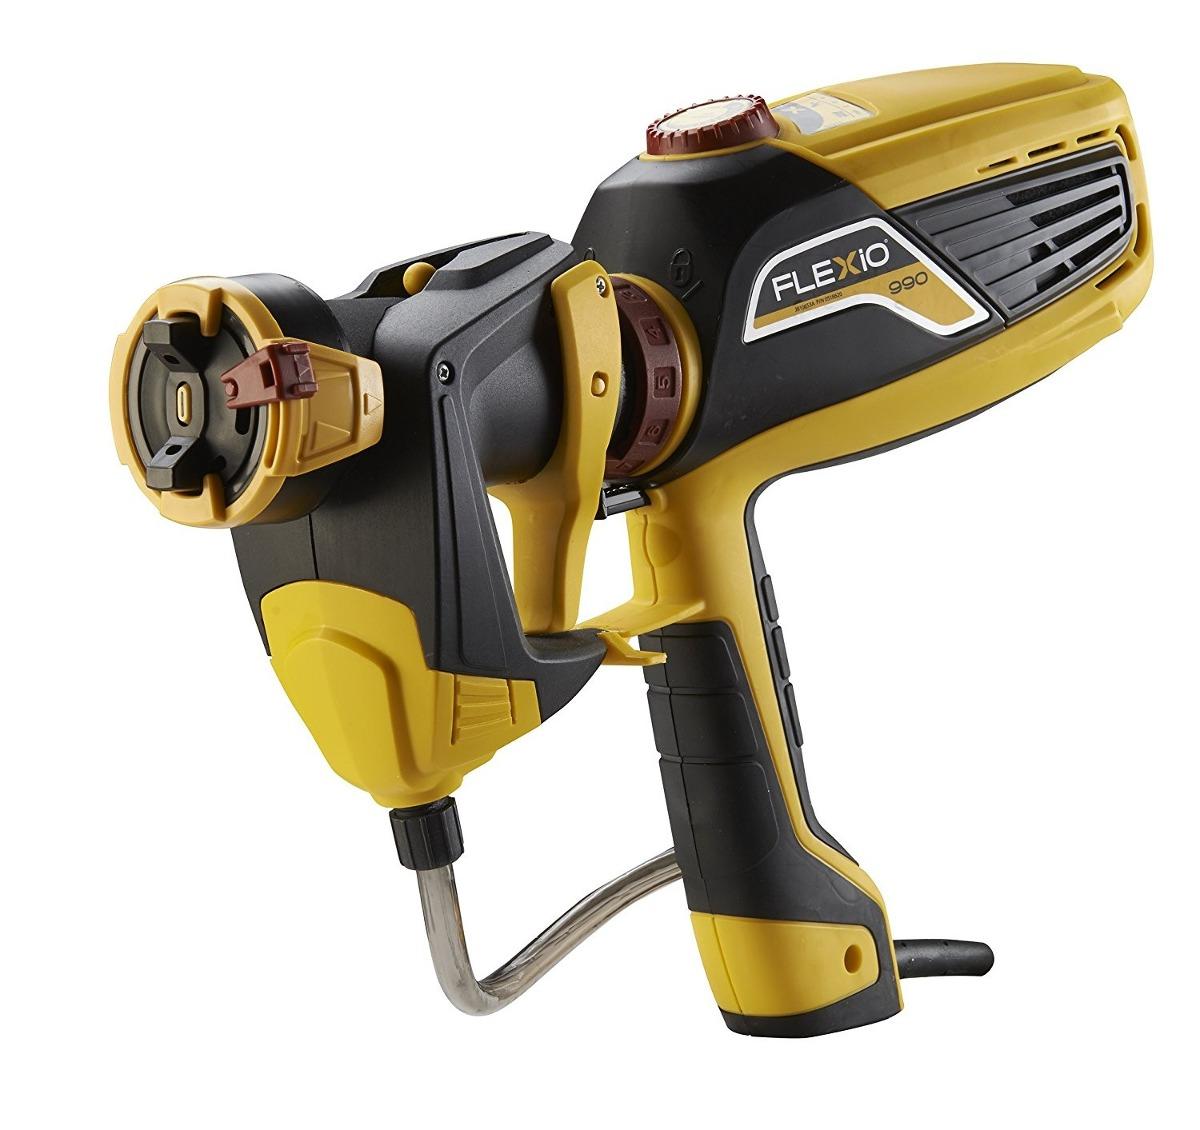 Maquina para pintar wagner 0529029 flexio 990 direct feed - Maquinas para pintar ...